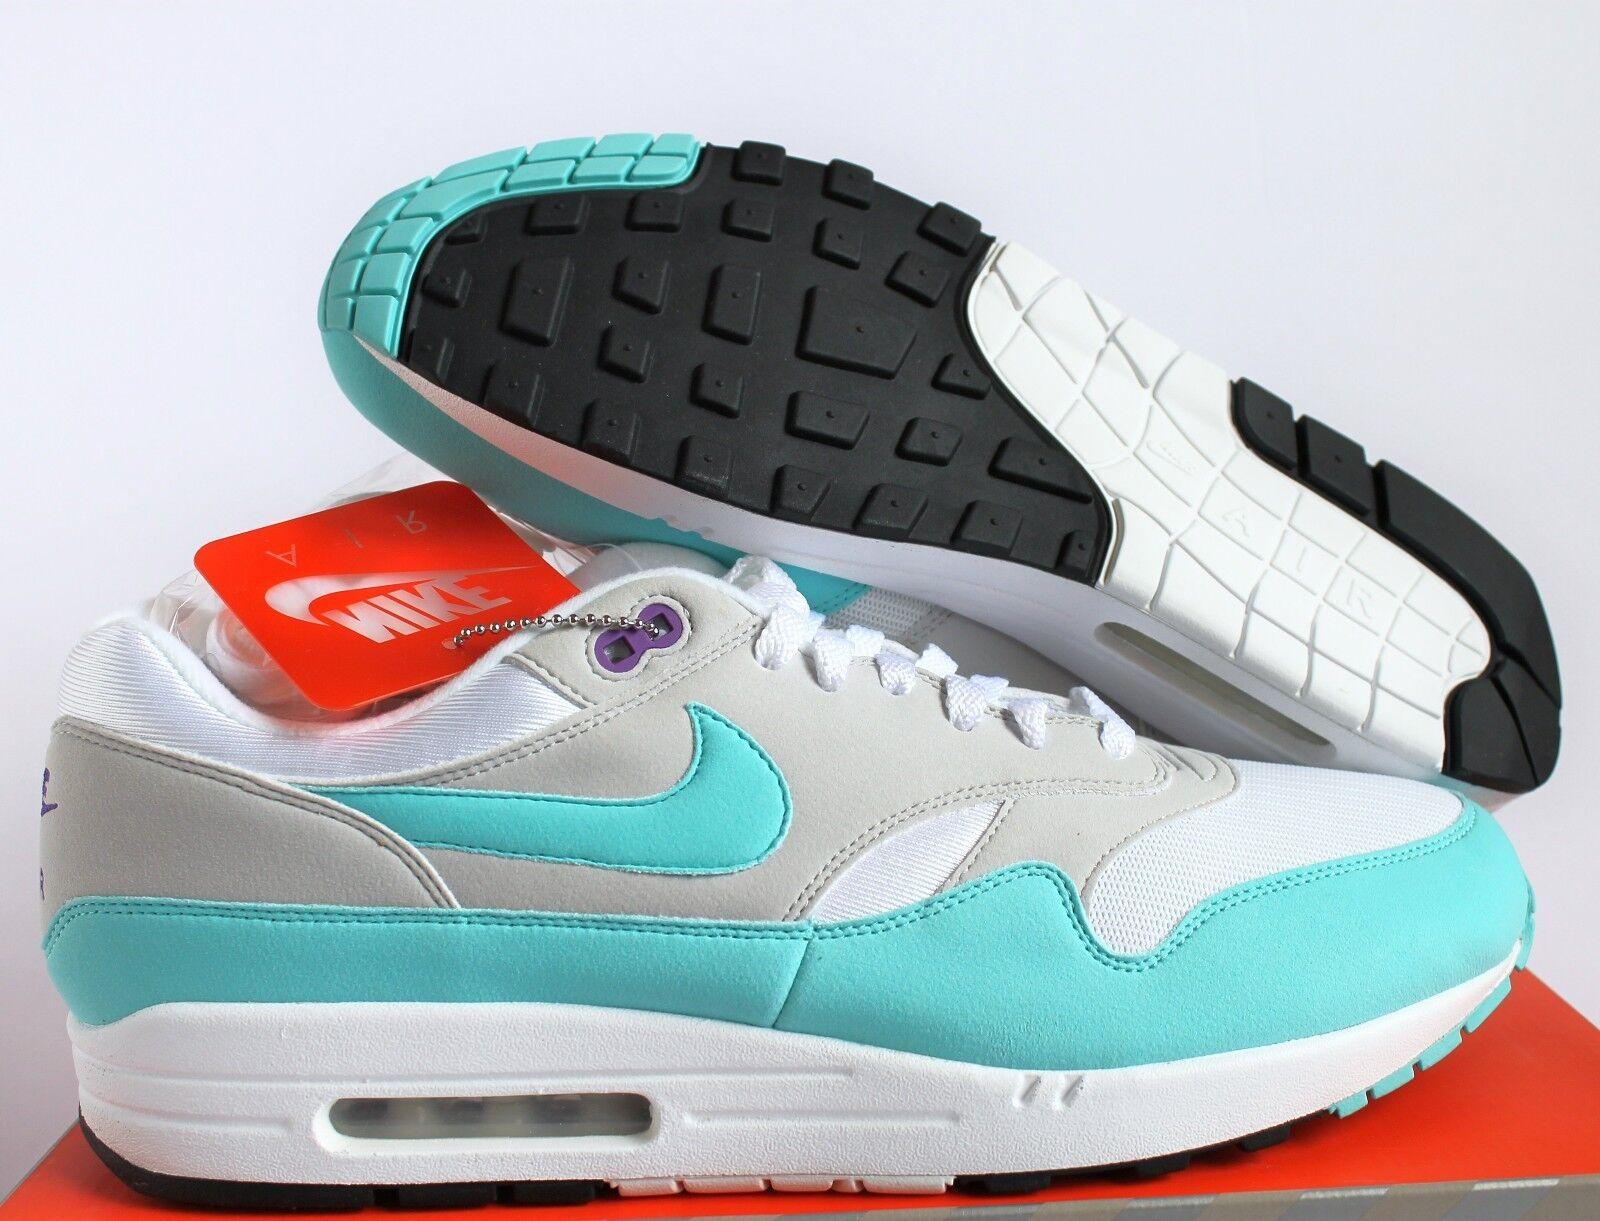 Nike air max 1 anniversario og qs white-aqua-neutral grey sz 14 [908375-105]